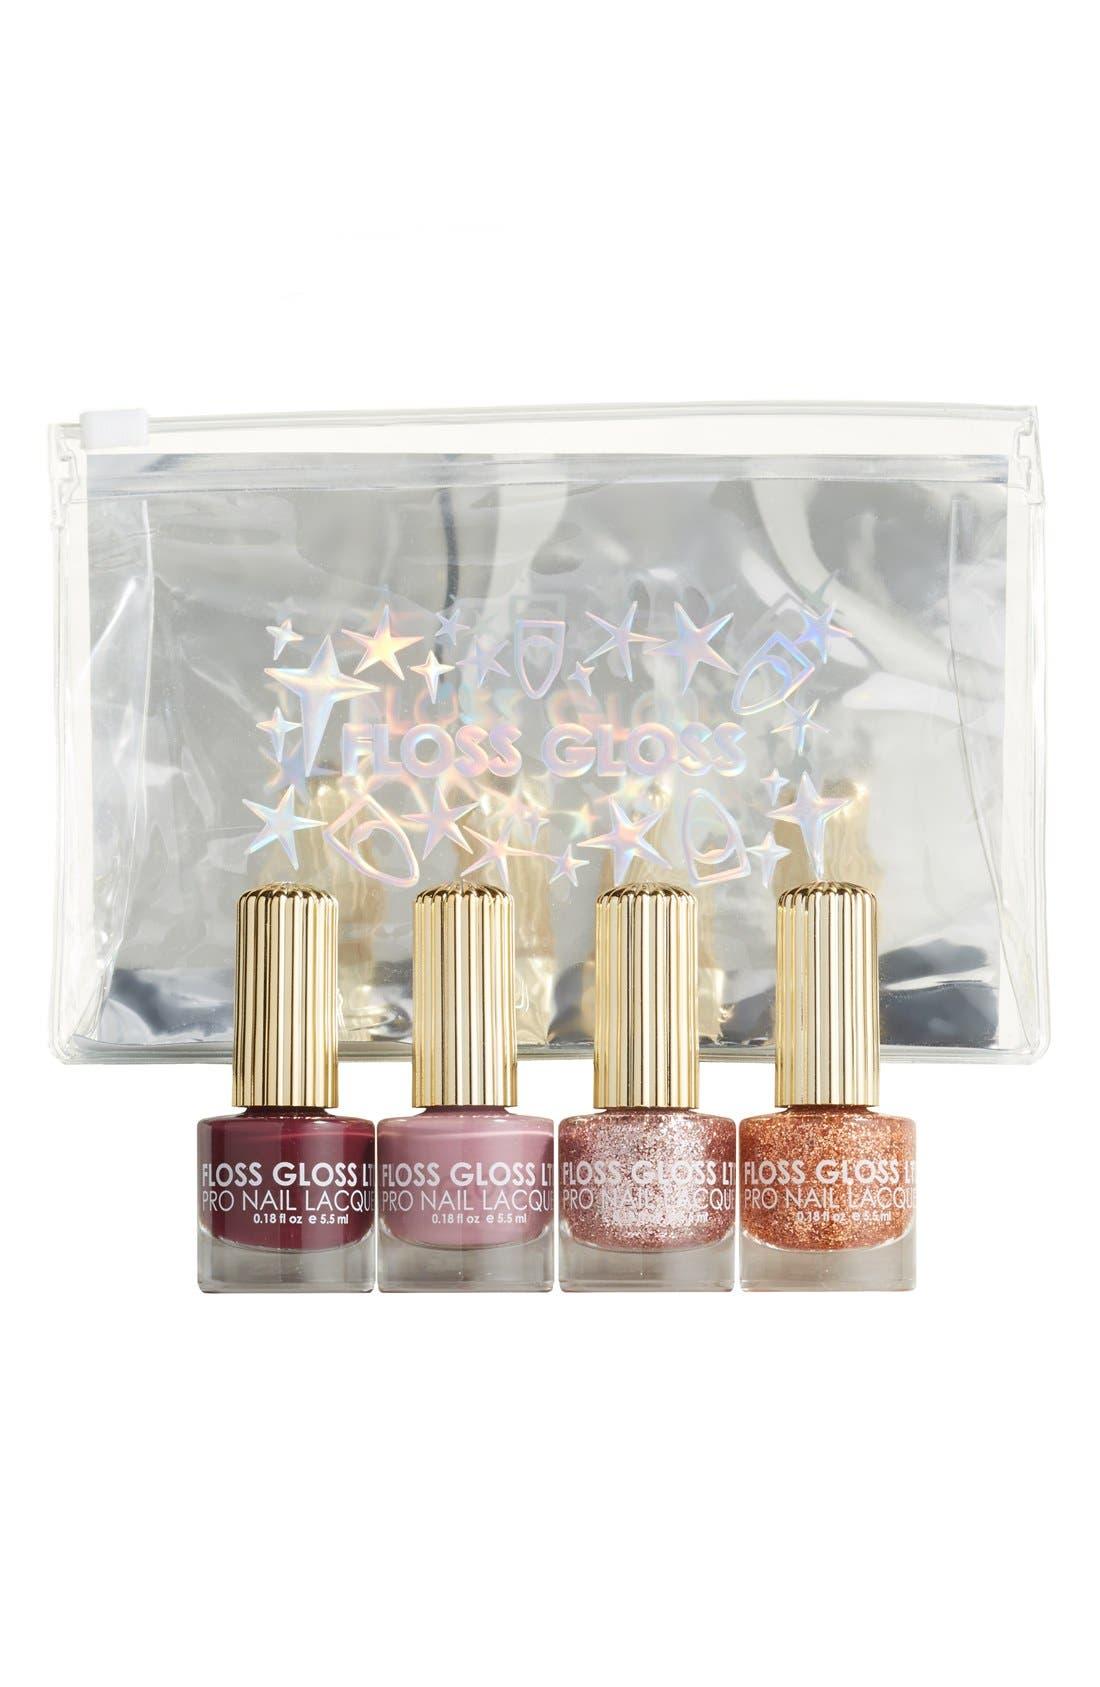 Main Image - Floss Gloss Holiday Set of 4 Nail Lacquers